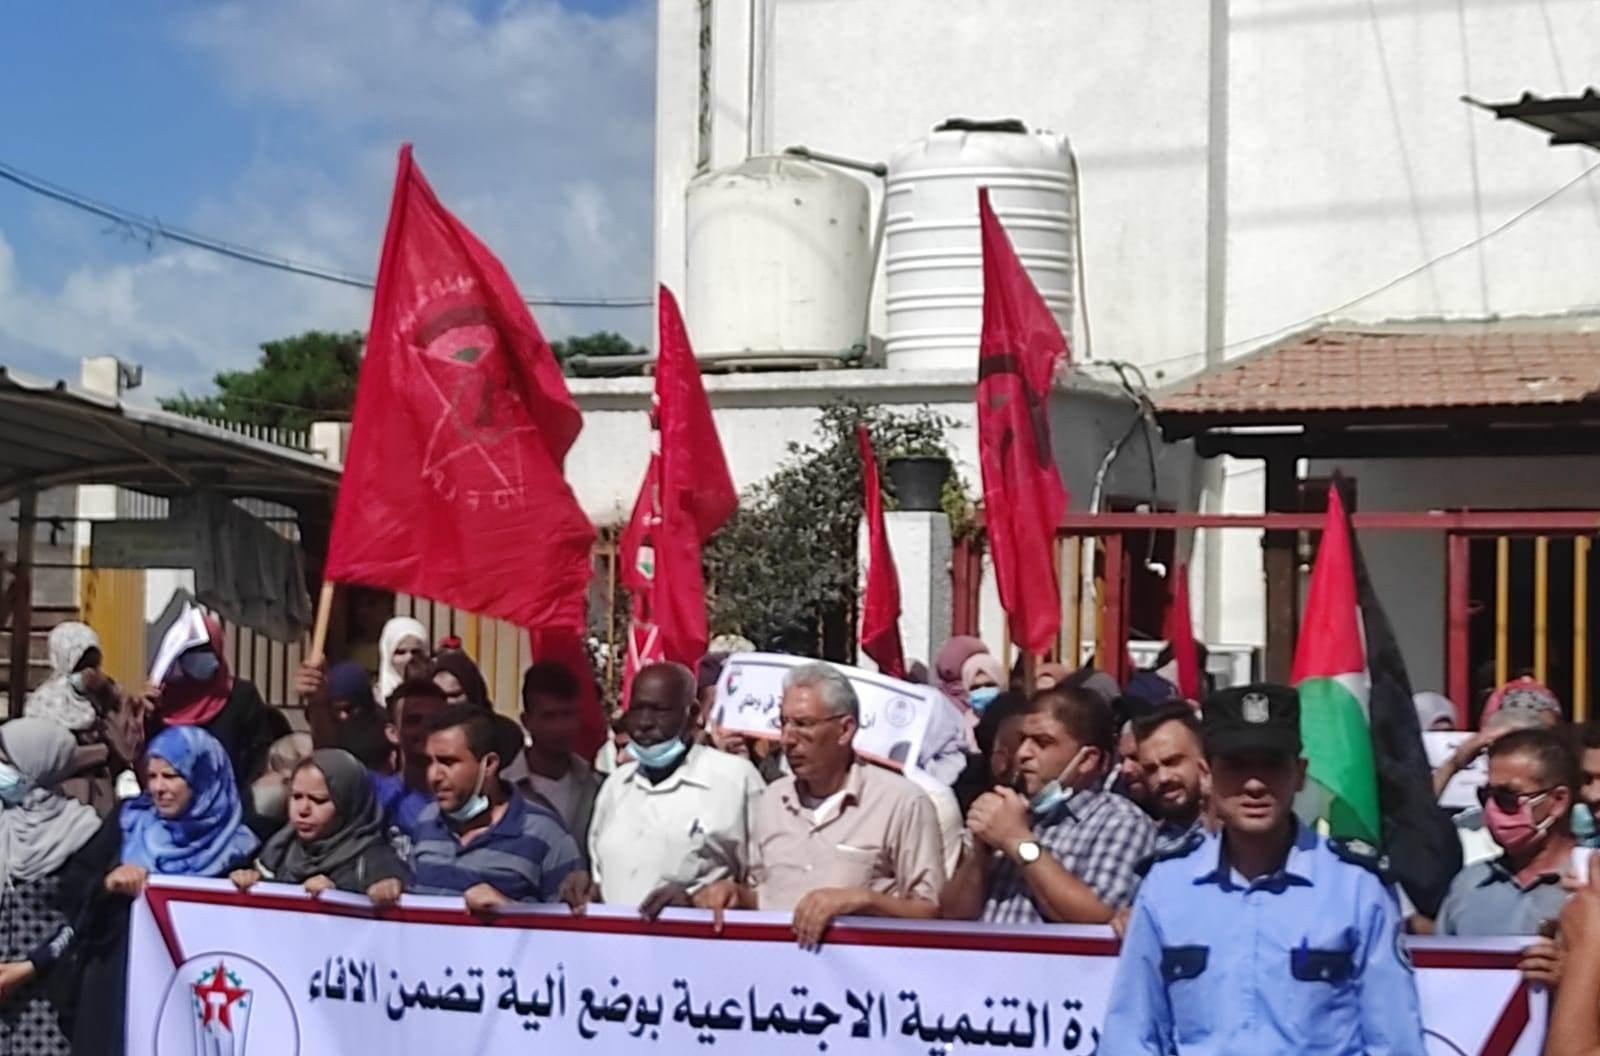 اعتصام جماهيري في خانيونس احتجاجًا على تأخر صرف مخصصات الشؤون